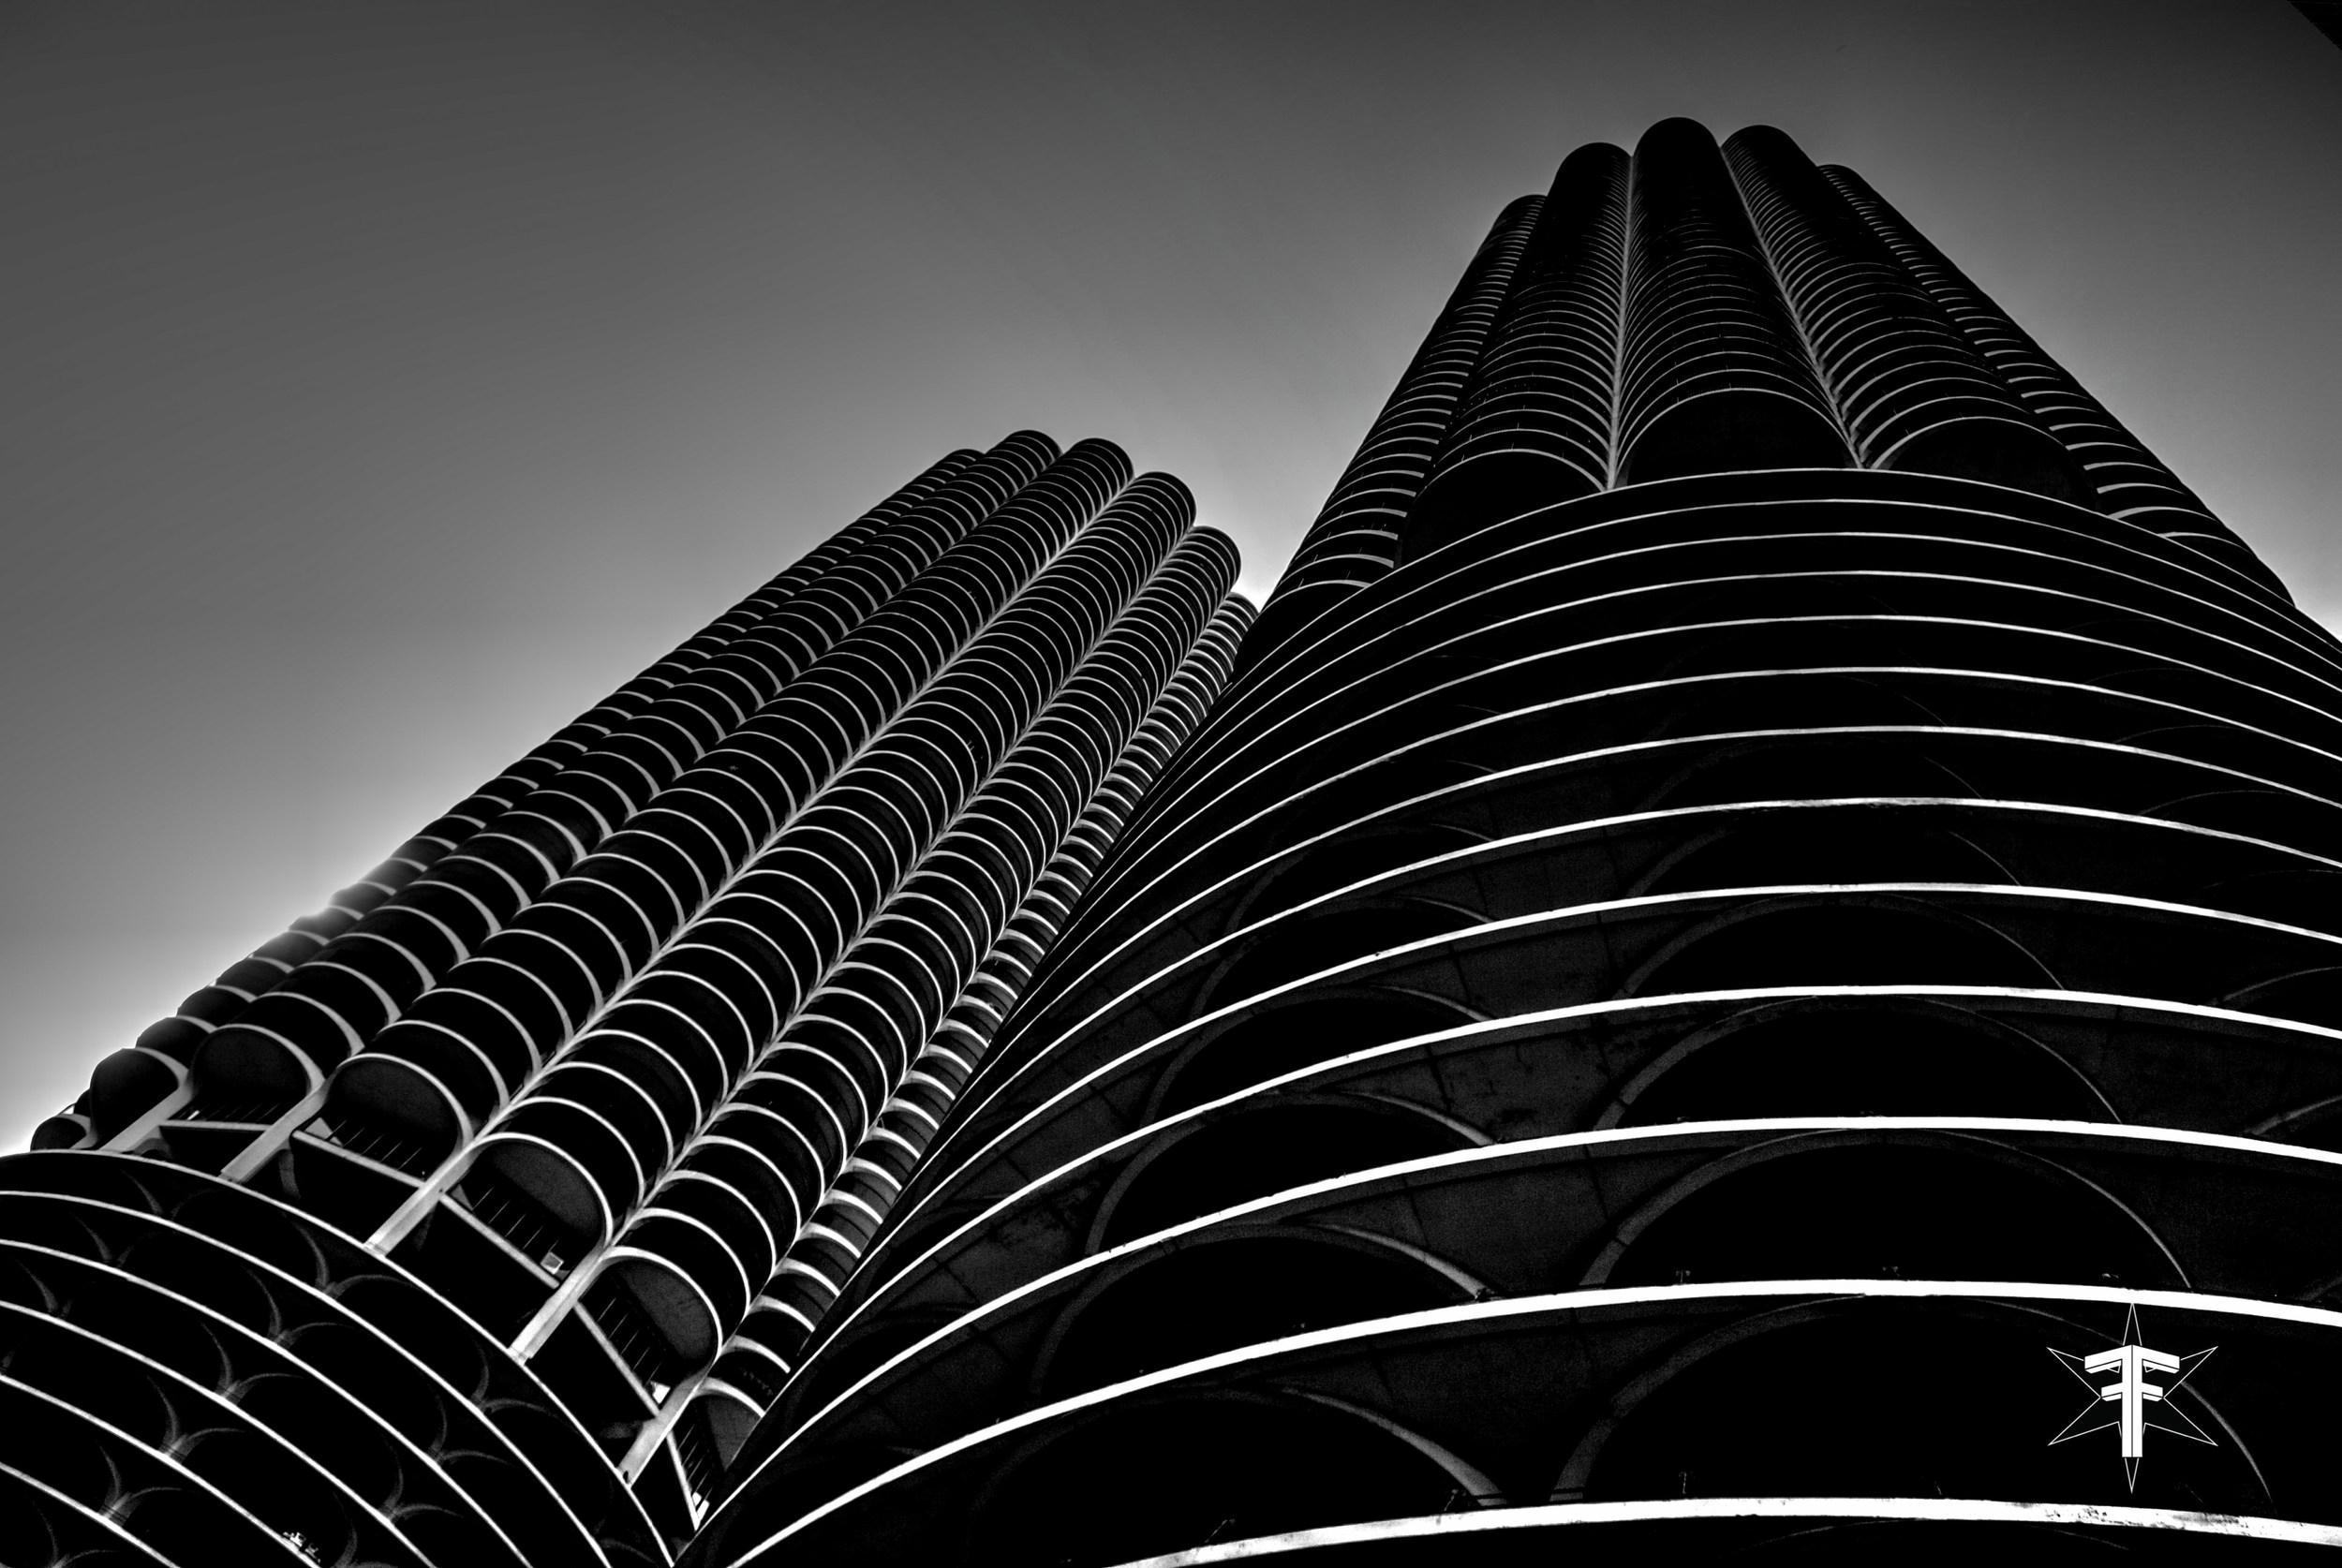 chicago architecture eric formato photography design arquitectura architettura buildings skyscraper skyscrapers-10.jpg